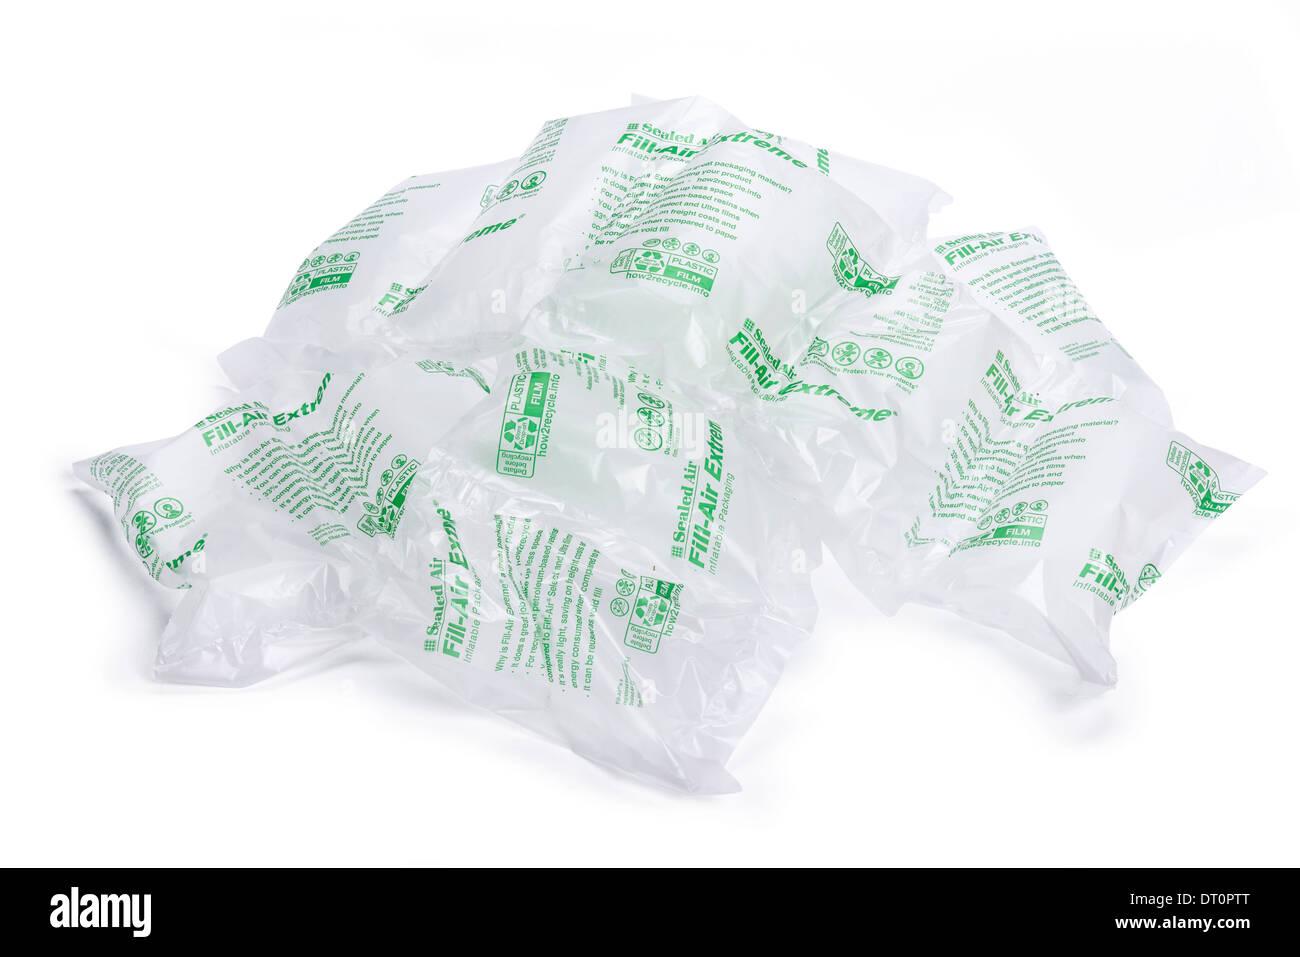 Sacchetto pieno di aria sealed air gonfiabile di materiale di imballaggio Immagini Stock